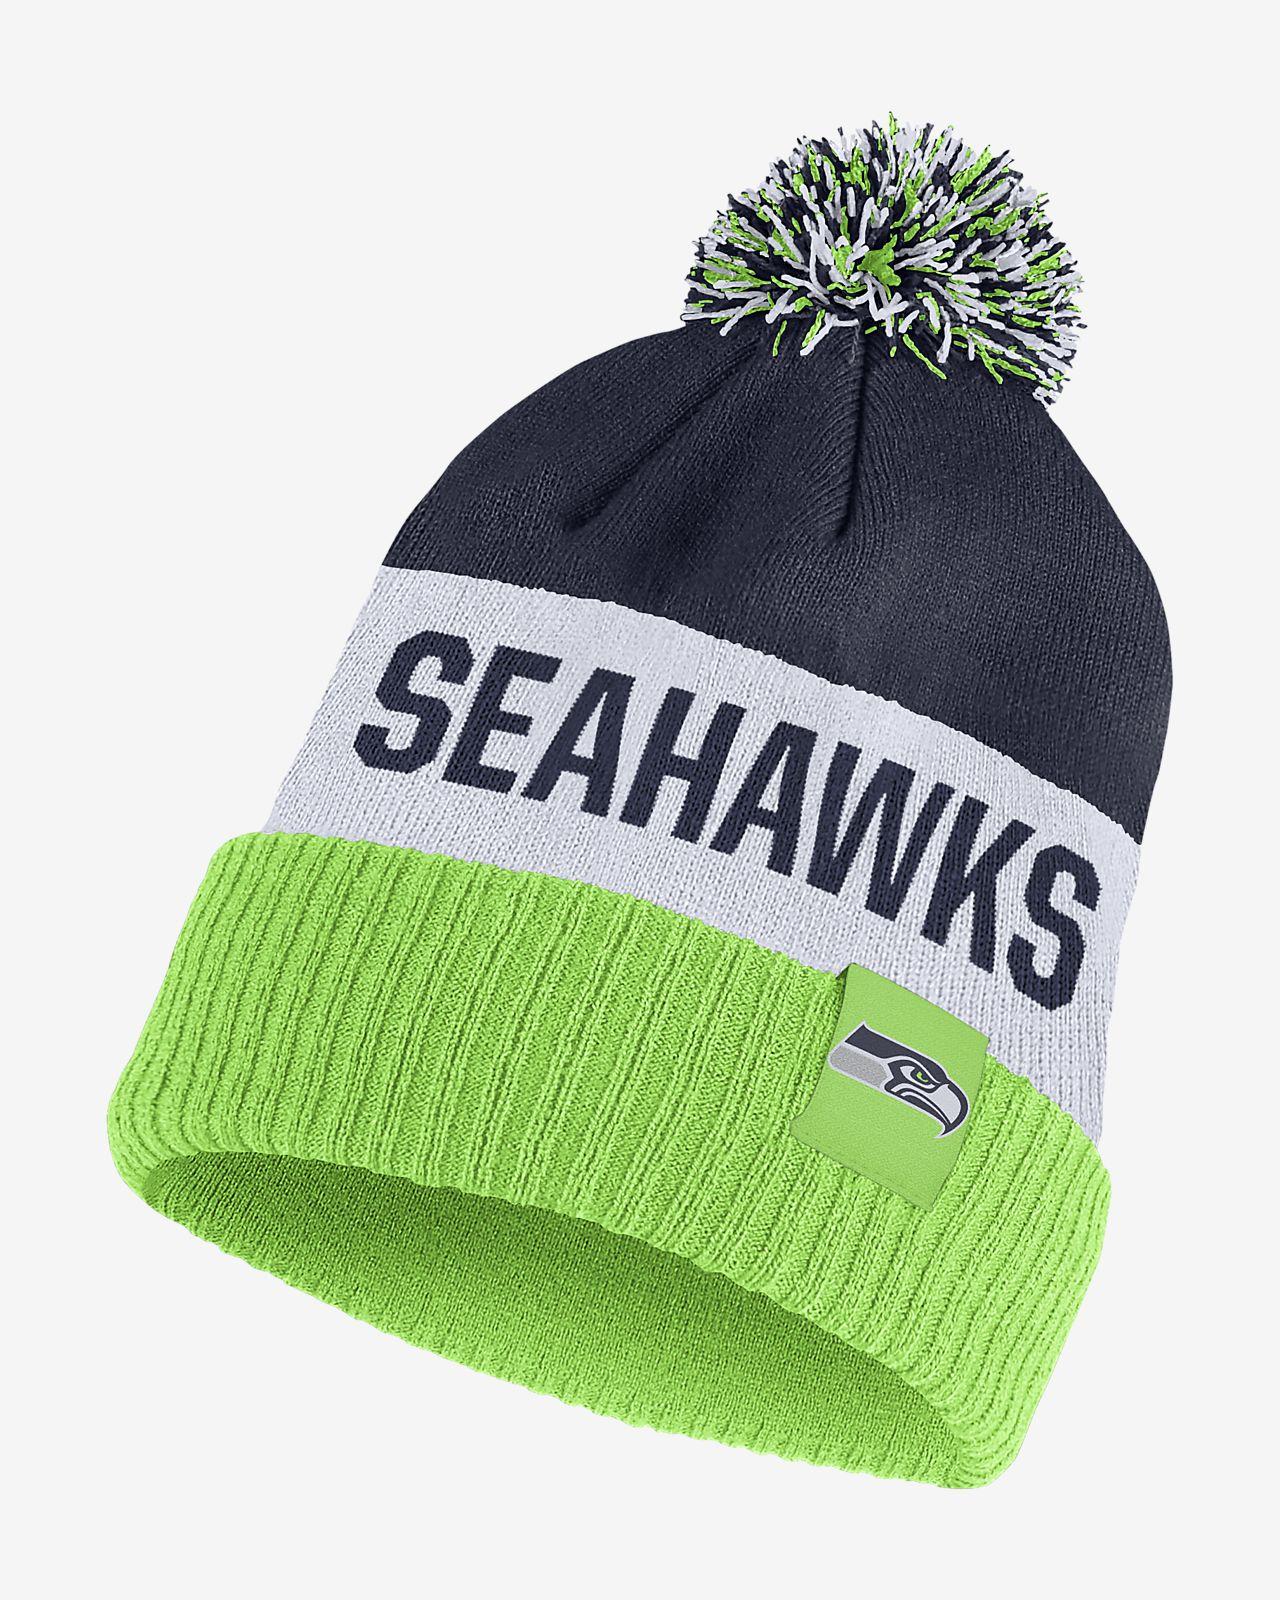 Σκούφος Nike (NFL Seahawks)